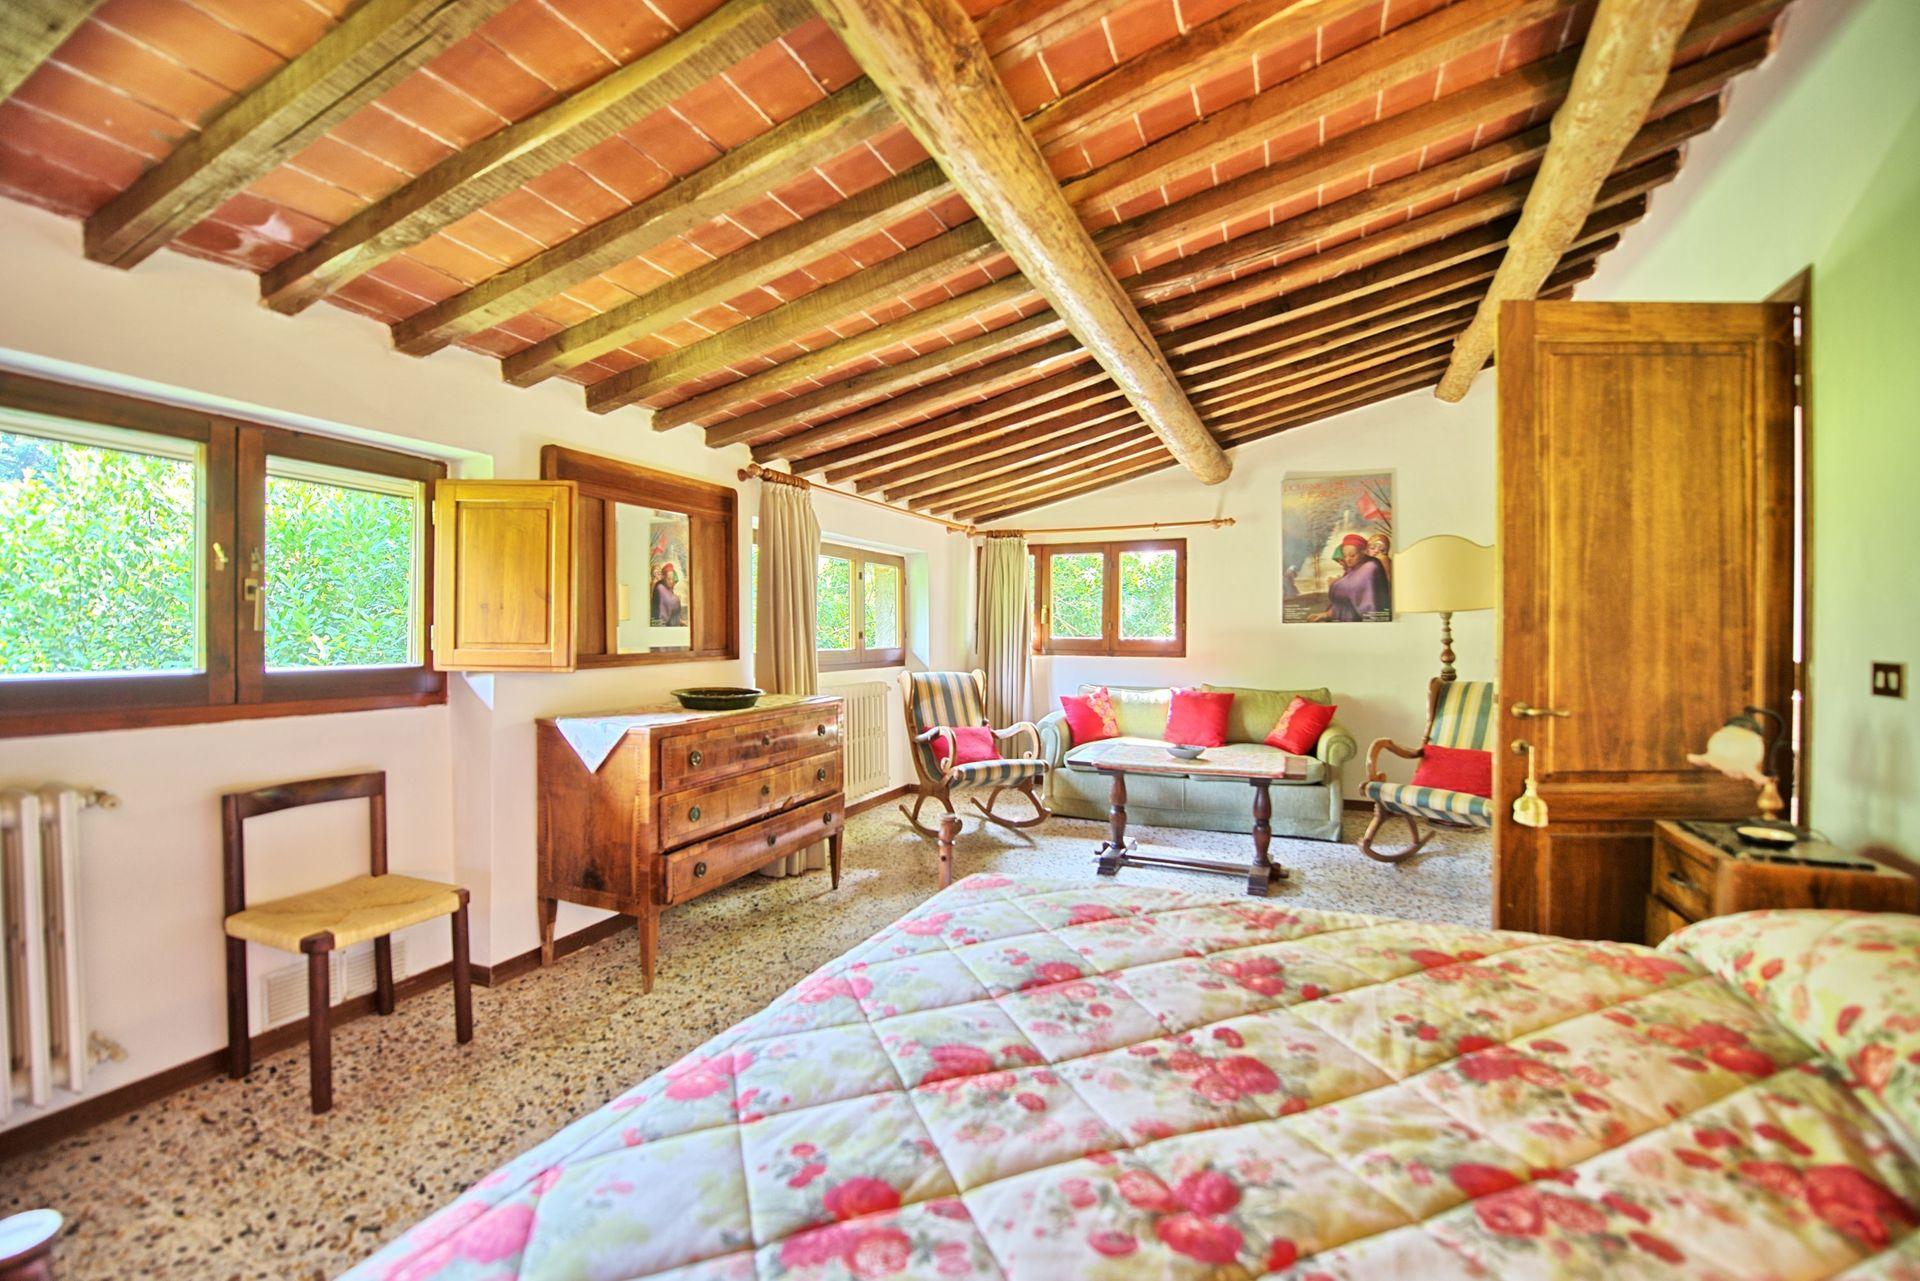 Montescalari 4 posti letto 6 in 4 camere casa vacanza for Costo piscina seminterrato